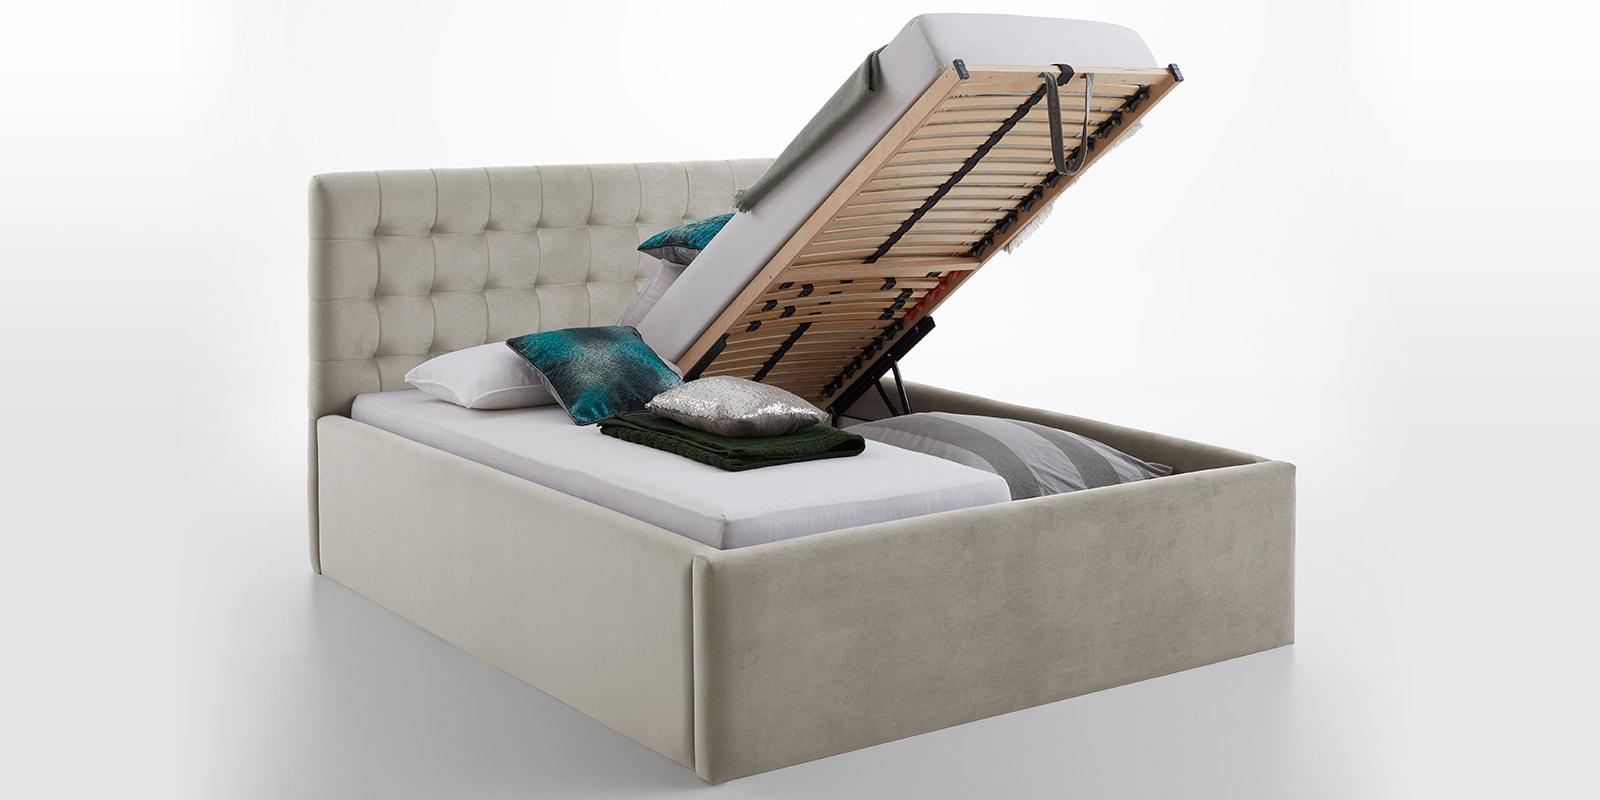 Moebella24 - Bett - mit - Bettkasten - Molly - Smaragd - Altweiß - XXL-Bettkasten - Bettkasten - und - Lattenrost - vormontiert - Kopfteil - mit - Steppungen